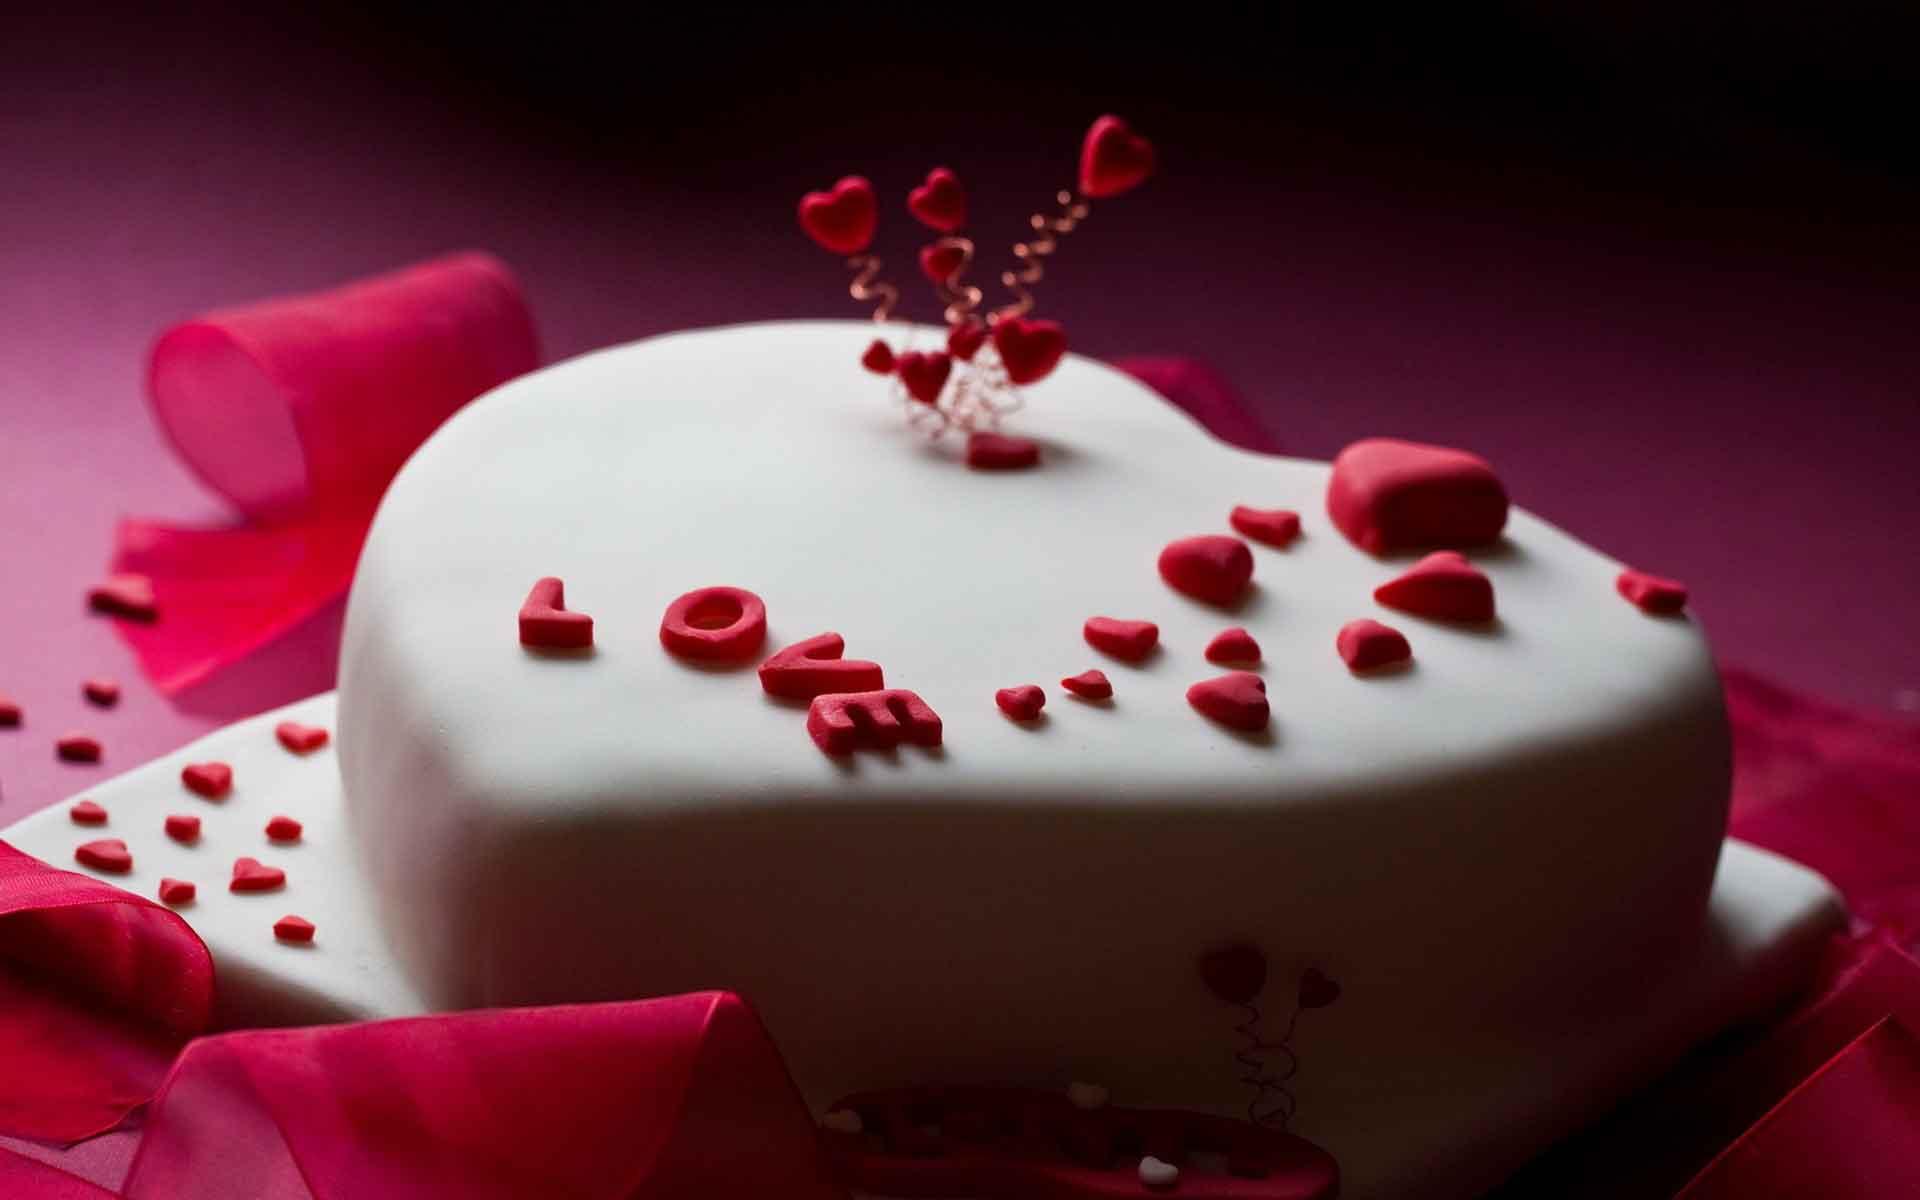 Картинки тортов к дню святого валентина